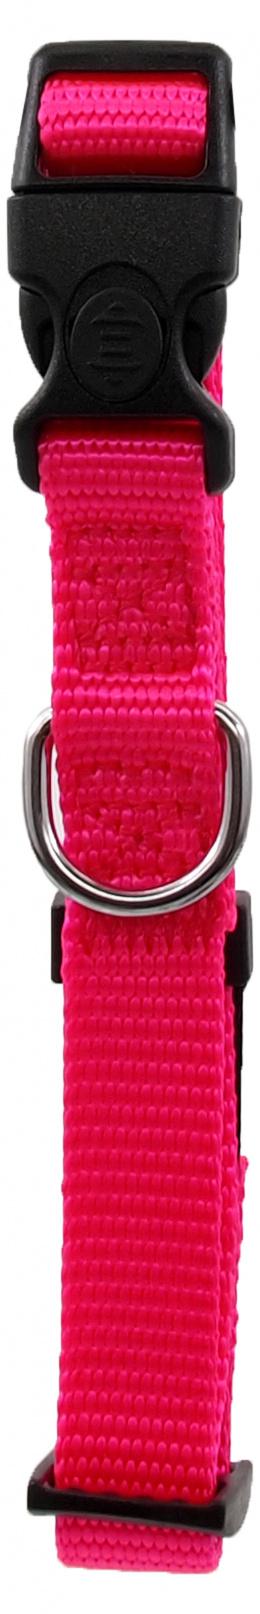 Ошейник - Dog Fantasy Classic Neilona S, 1.5 см, 27-37 см, цвет – розовый